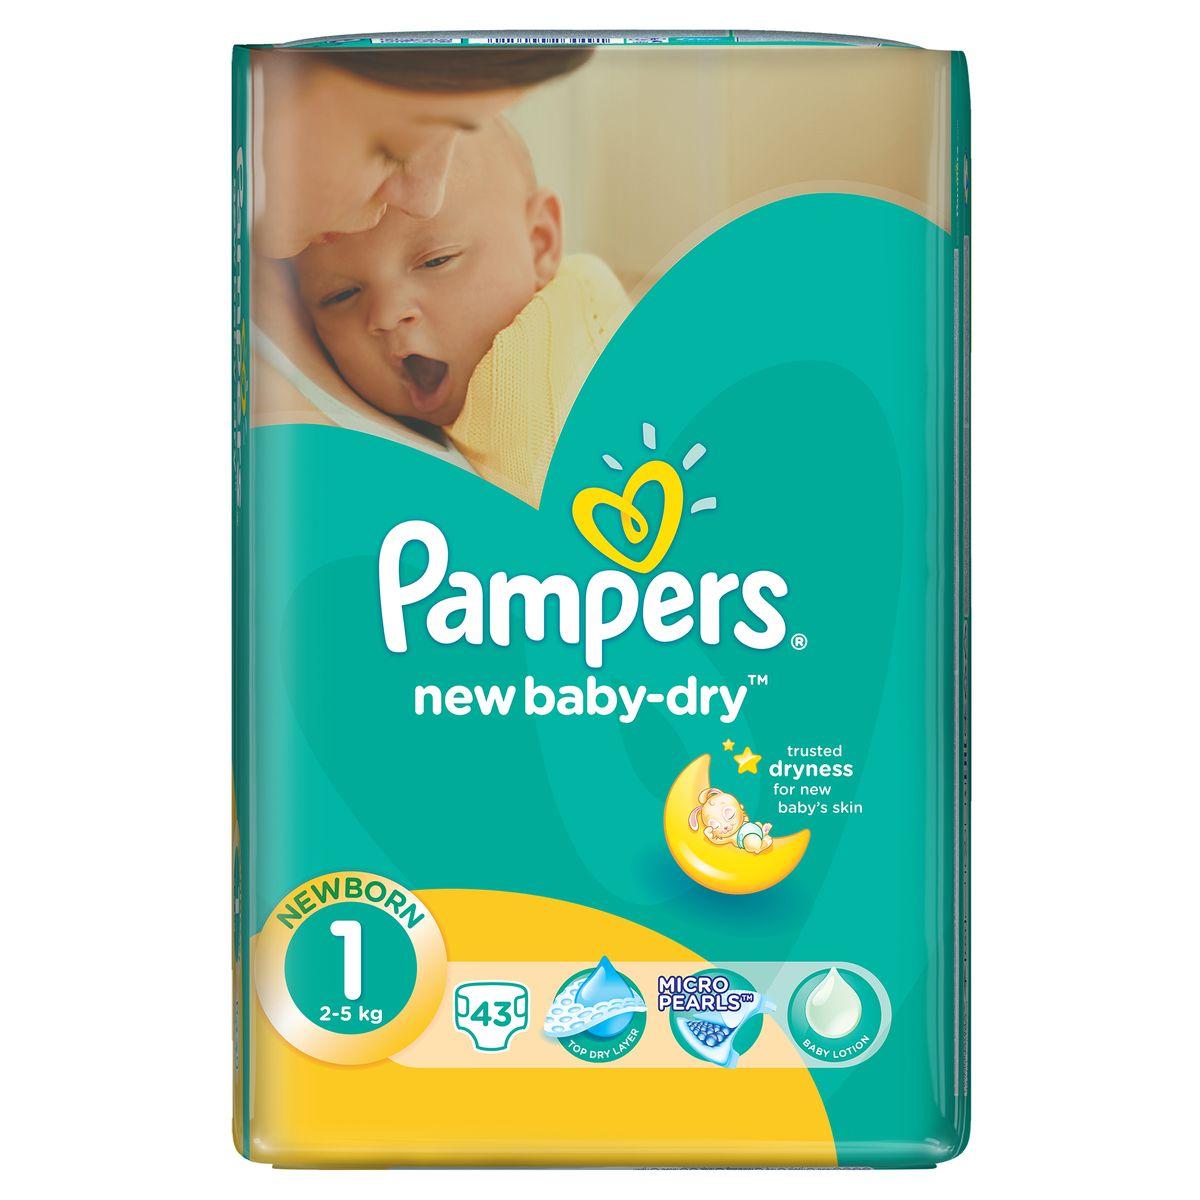 Pampers Подгузники New Baby-Dry 2-5 кг (размер 1) 43 штPA-81499846Подгузники Pampers имеют жемчужные микрогранулы, которые впитывают влаги до 30 раз больше собственного веса и надежно удерживают ее внутри подгузника. Сохраняют сухость до 12 часов. Верхний слой мягкий, как хлопок. Моментально впитывает влагу с кожи. Экстра слой абсорбирует жидкость и распределяет ее по подгузнику. Тянущиеся боковины разработаны так, чтобы малышу было комфортно двигаться, а подгузник сидел плотно. В состав входит экстракт алоэ. Проверено дерматологами.